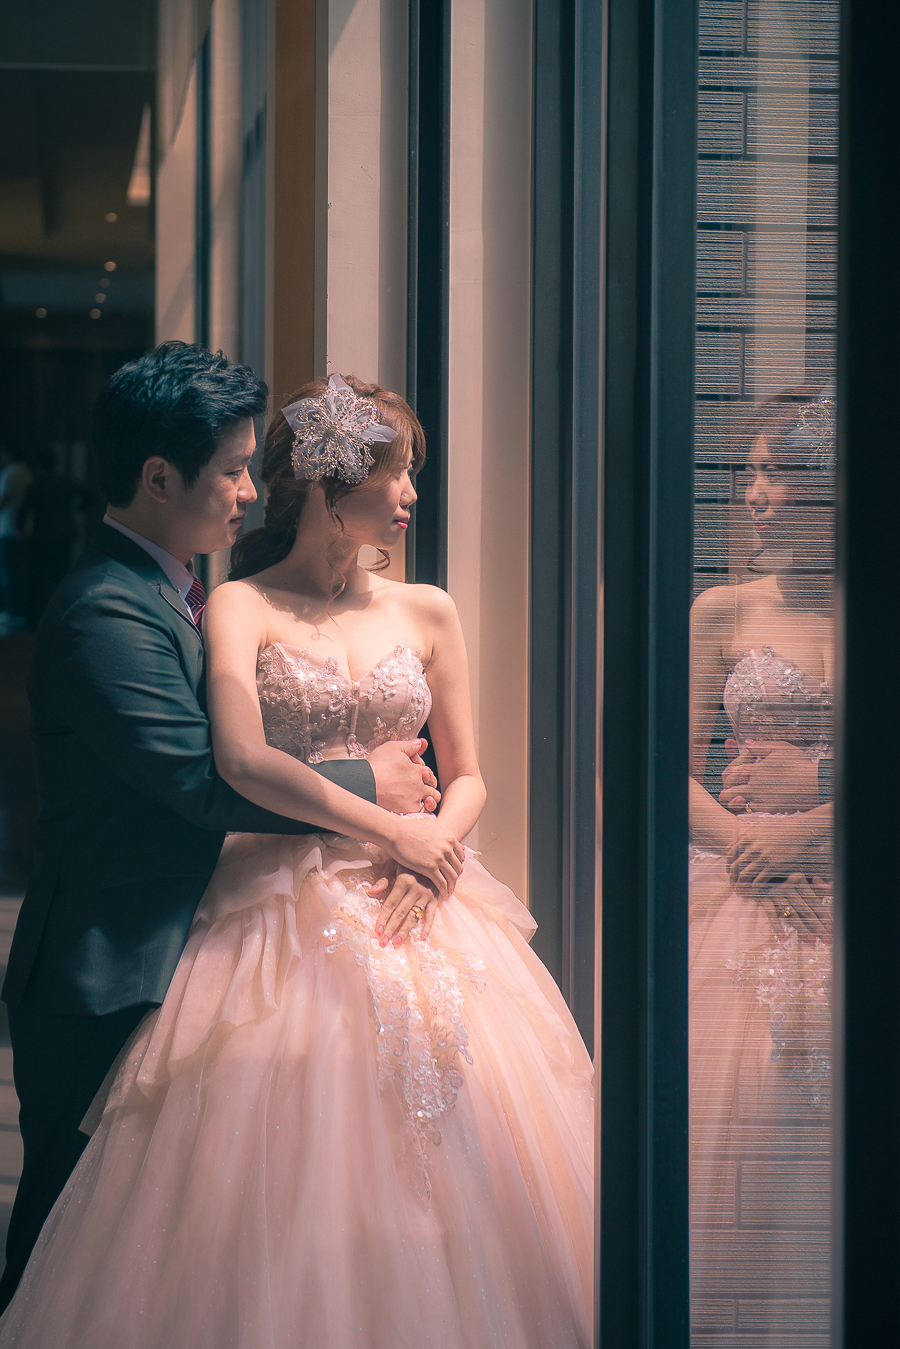 麗禧酒店@建德&子芸(編號:426980) - Shingo STUDIO - 結婚吧